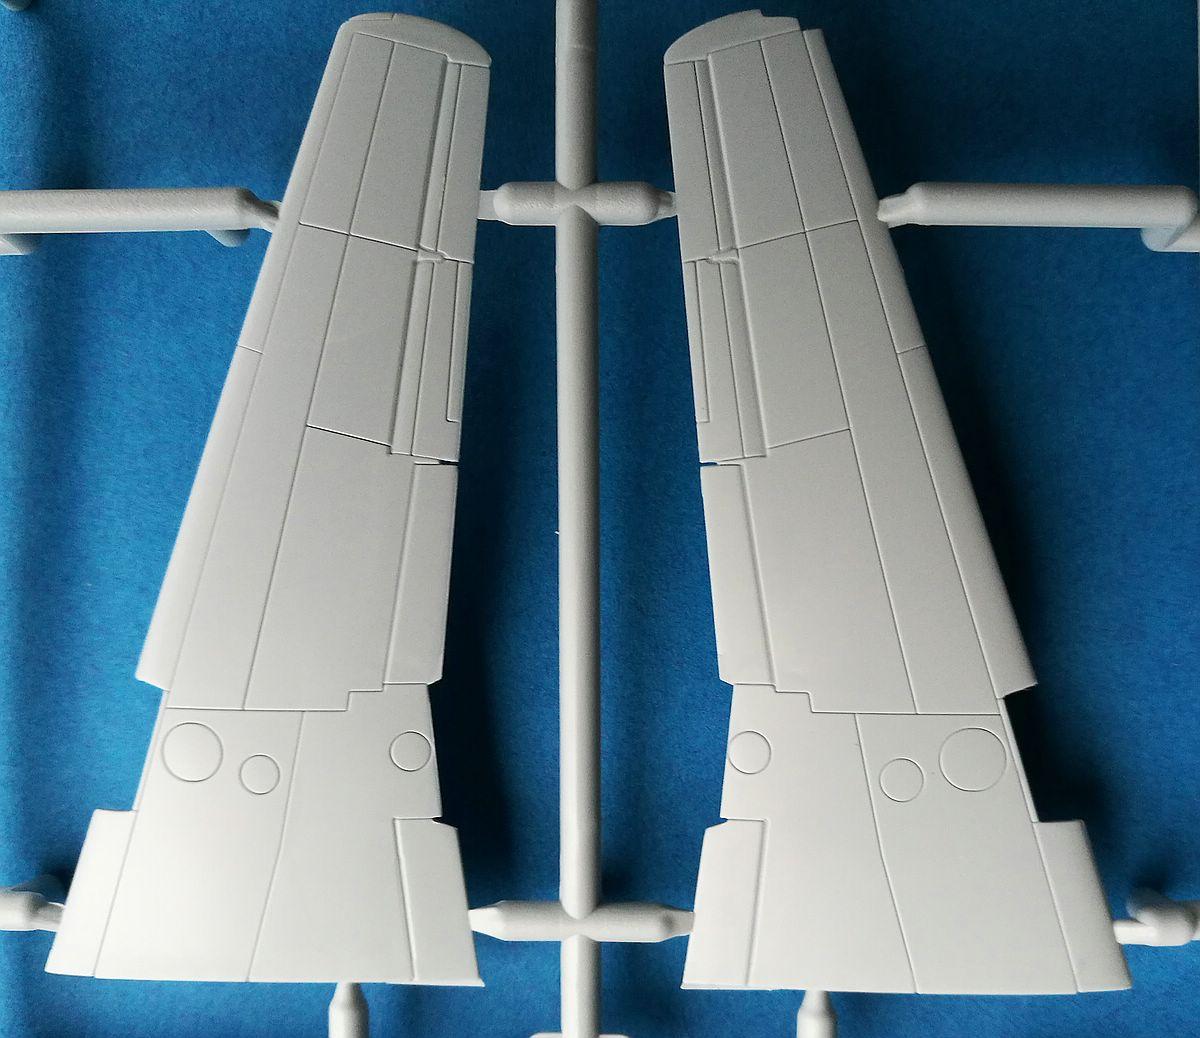 Airfix-A04062-Messerschmitt-Me-262-B-1a-23 Messerschmitt Me 262 B-1a im Maßstab 1:72 von Airfix A04062